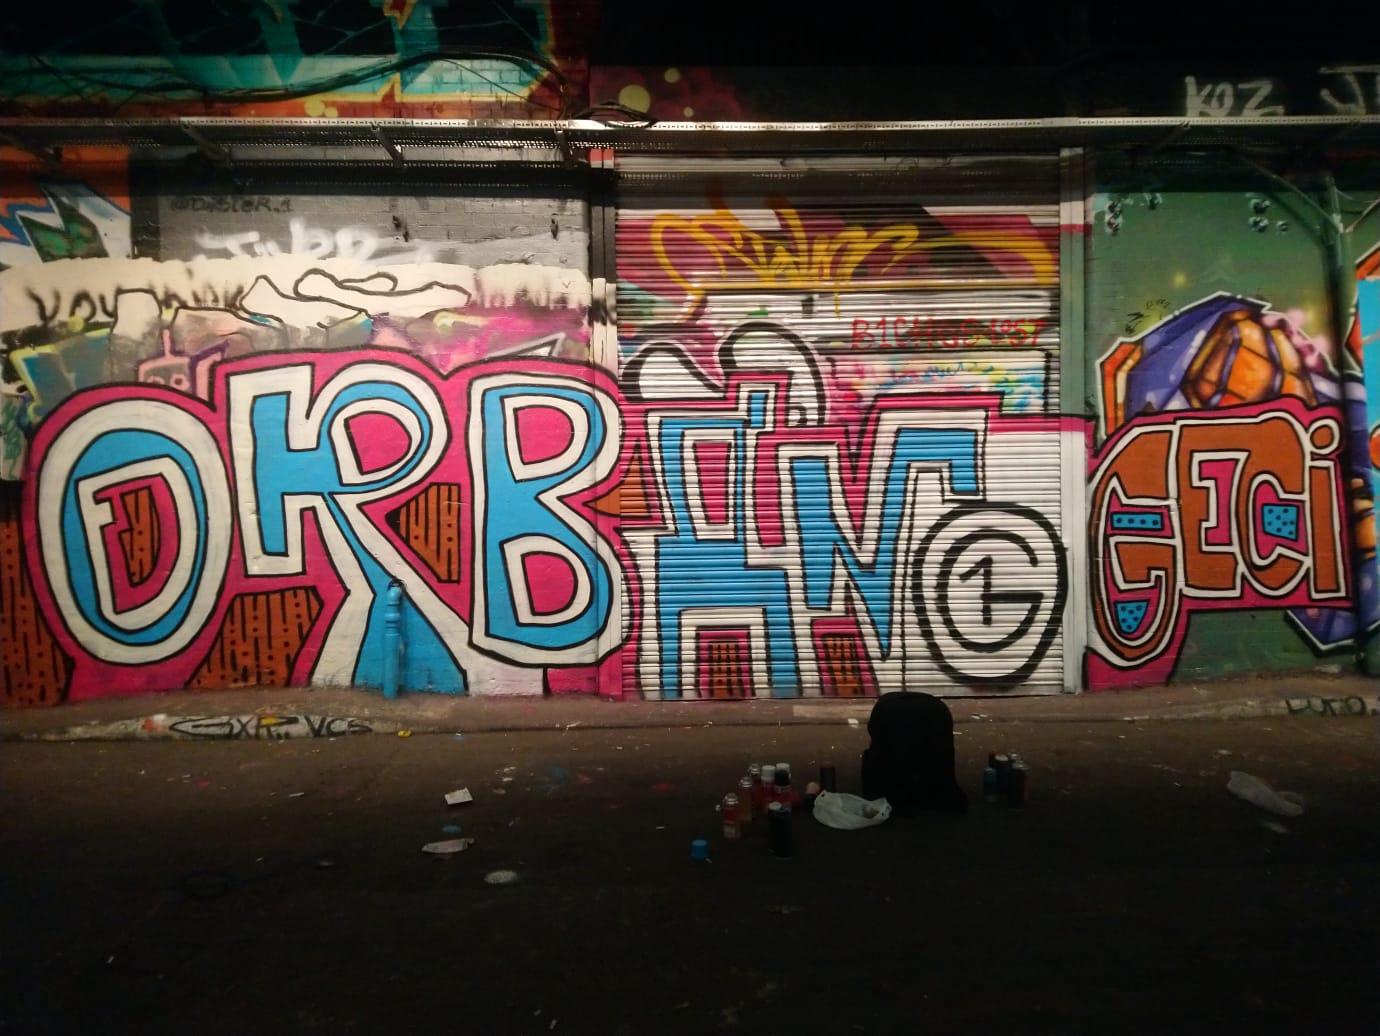 Banksy híres graffitis alagútjában is feltűnt az O1G